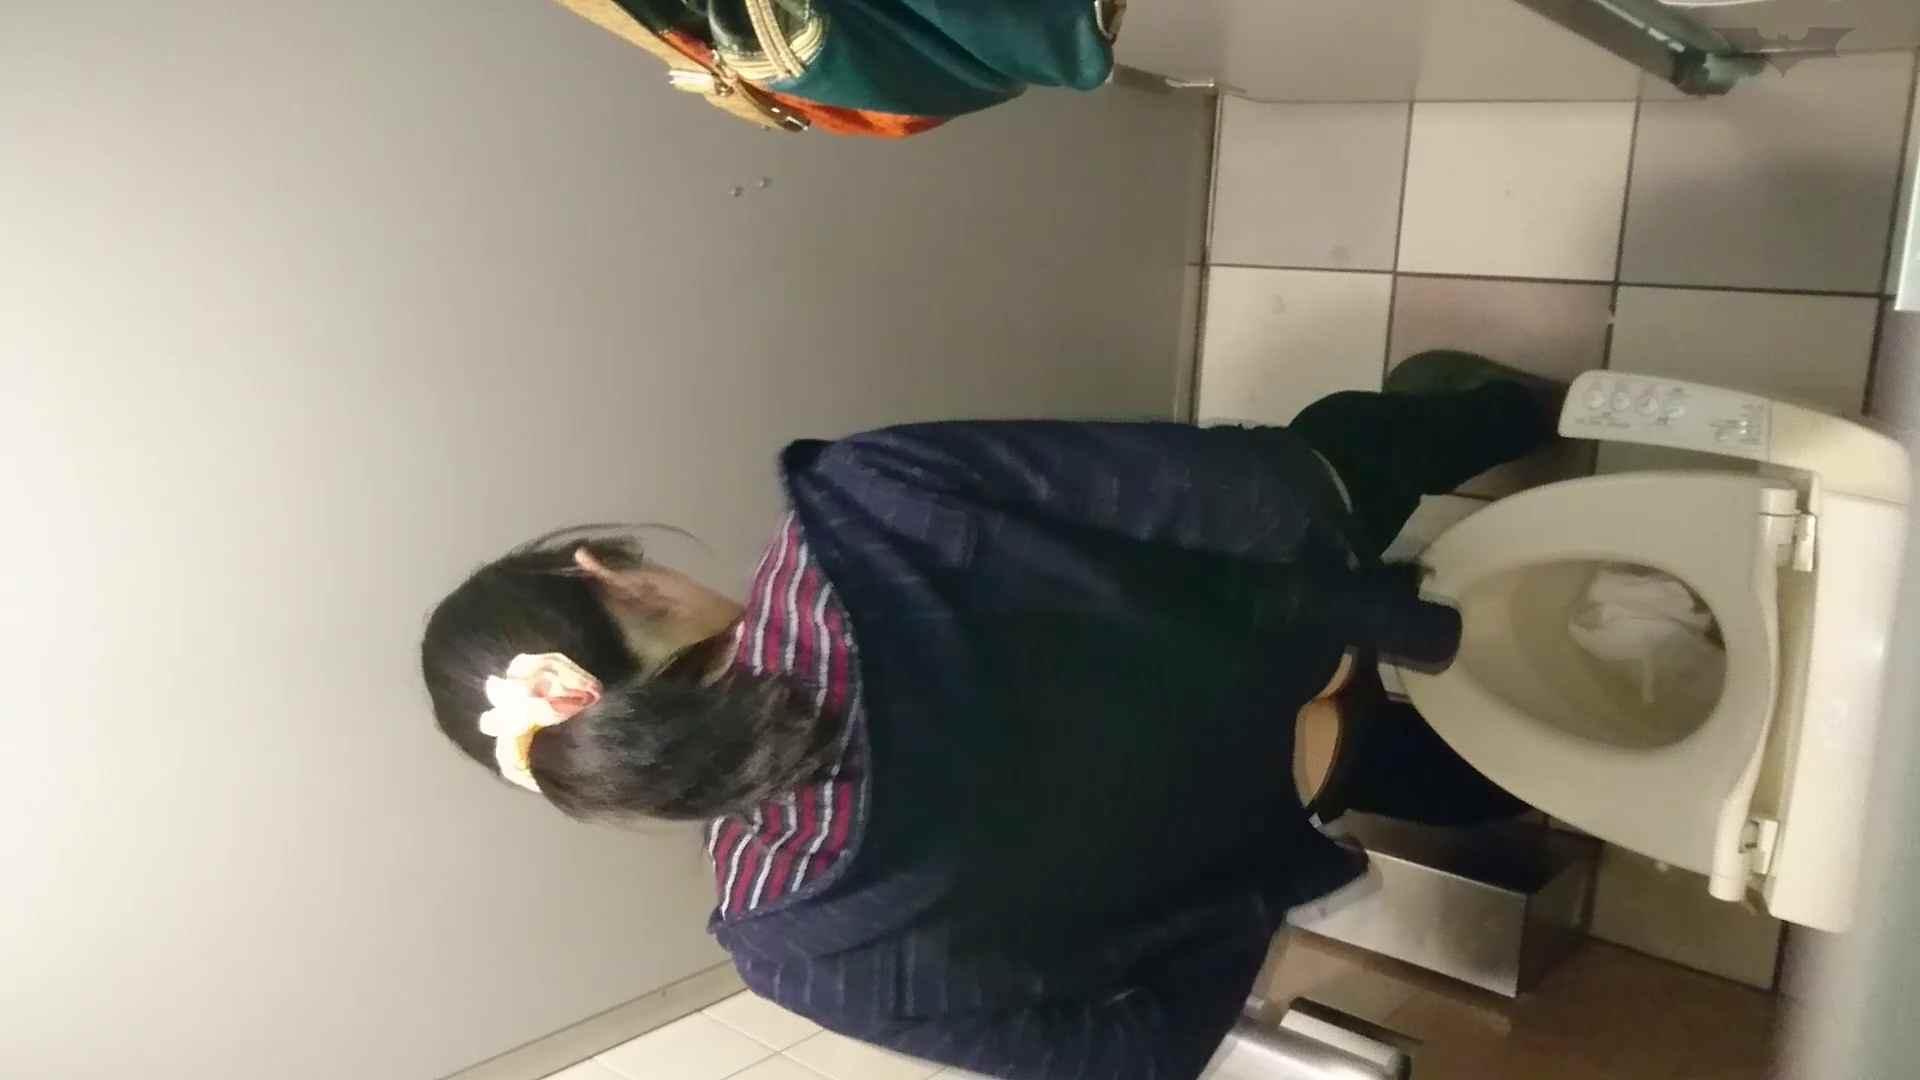 化粧室絵巻 ショッピングモール編 VOL.18 洗面所のぞき  108枚 54